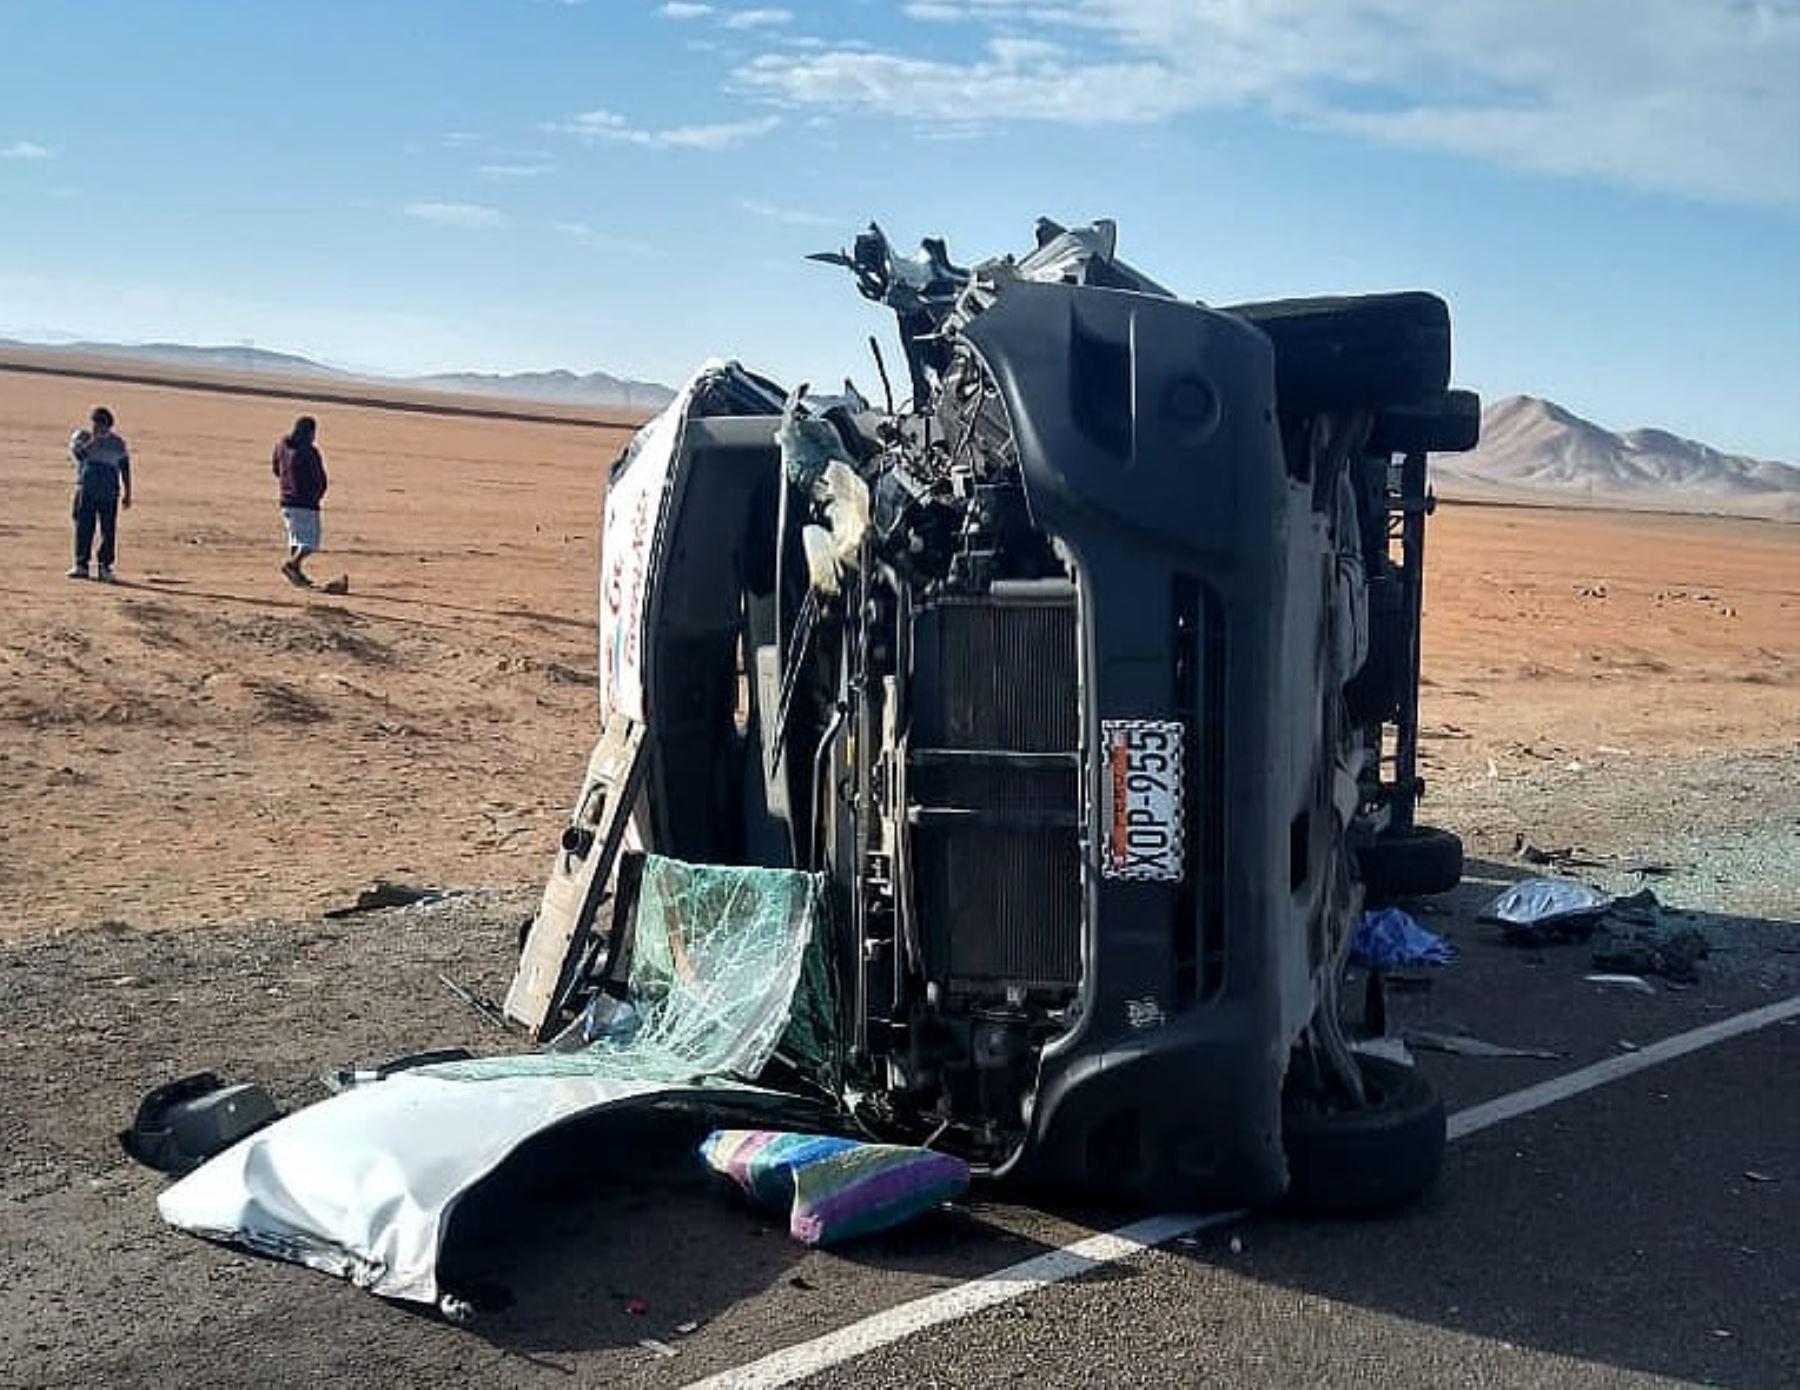 Identifican a las cinco víctimas mortales del accidente de tránsito en Arequipa. Foto: Facebook/Clic.